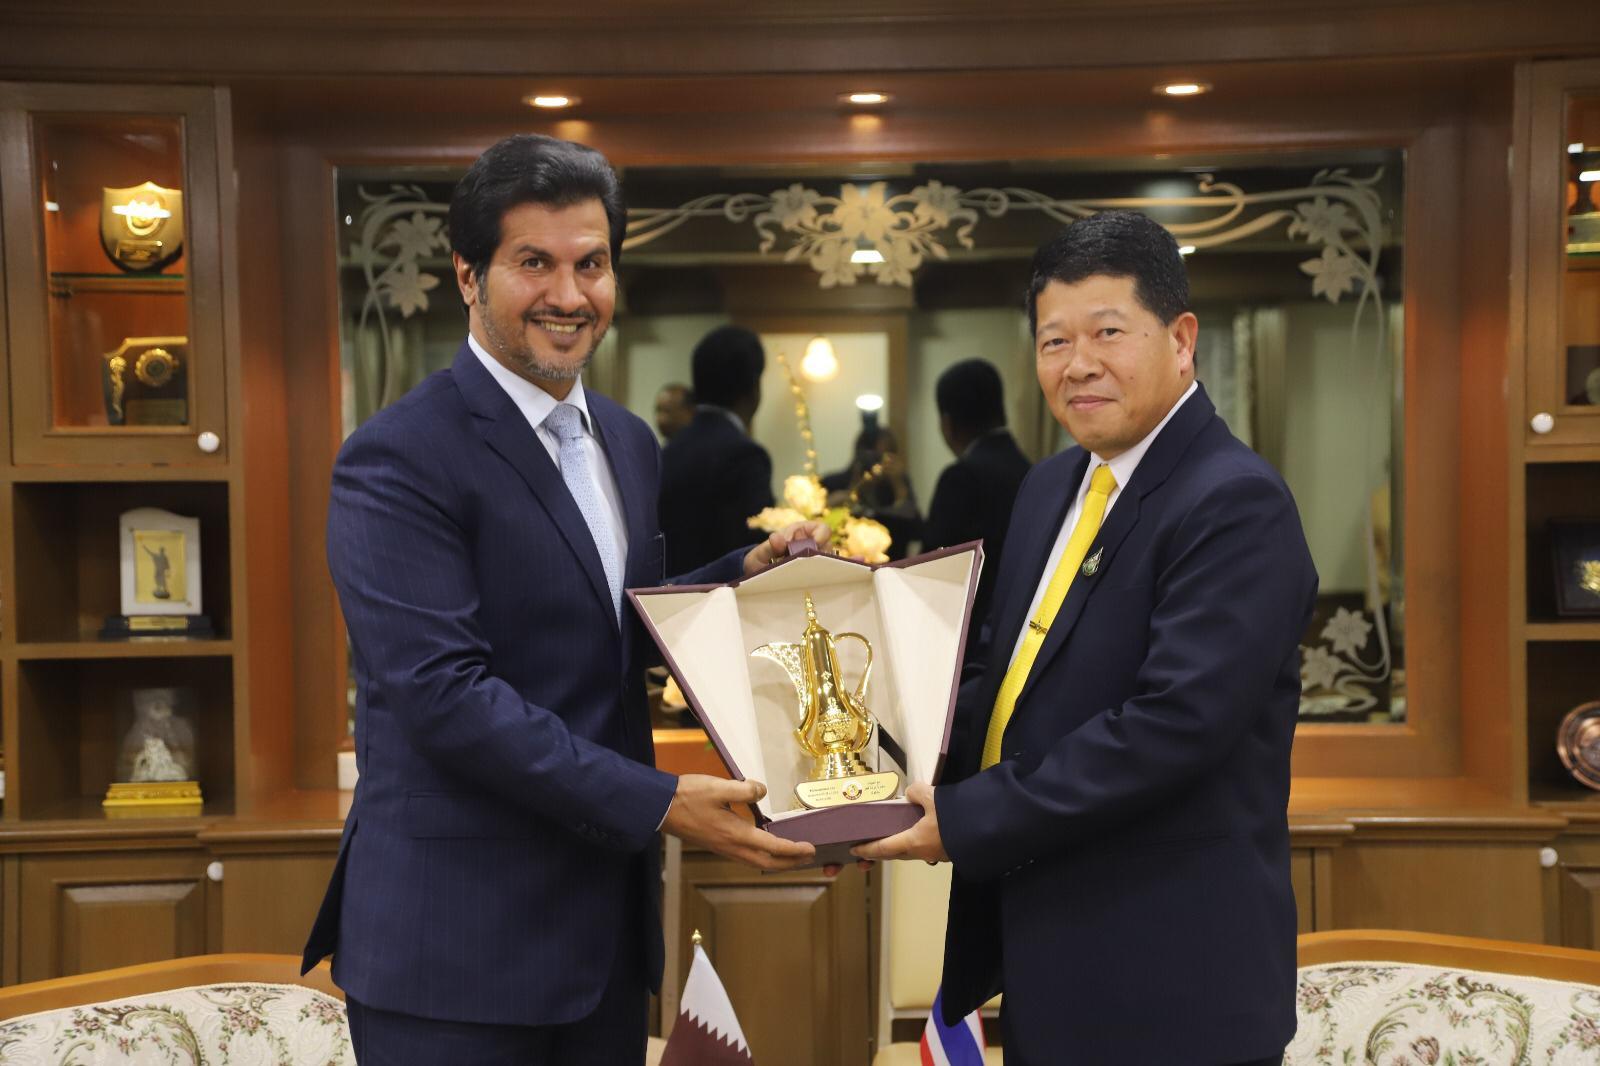 الأمين العام لمجلس الأمن الوطني التايلاندي يجتمع مع سفير دولة قطر